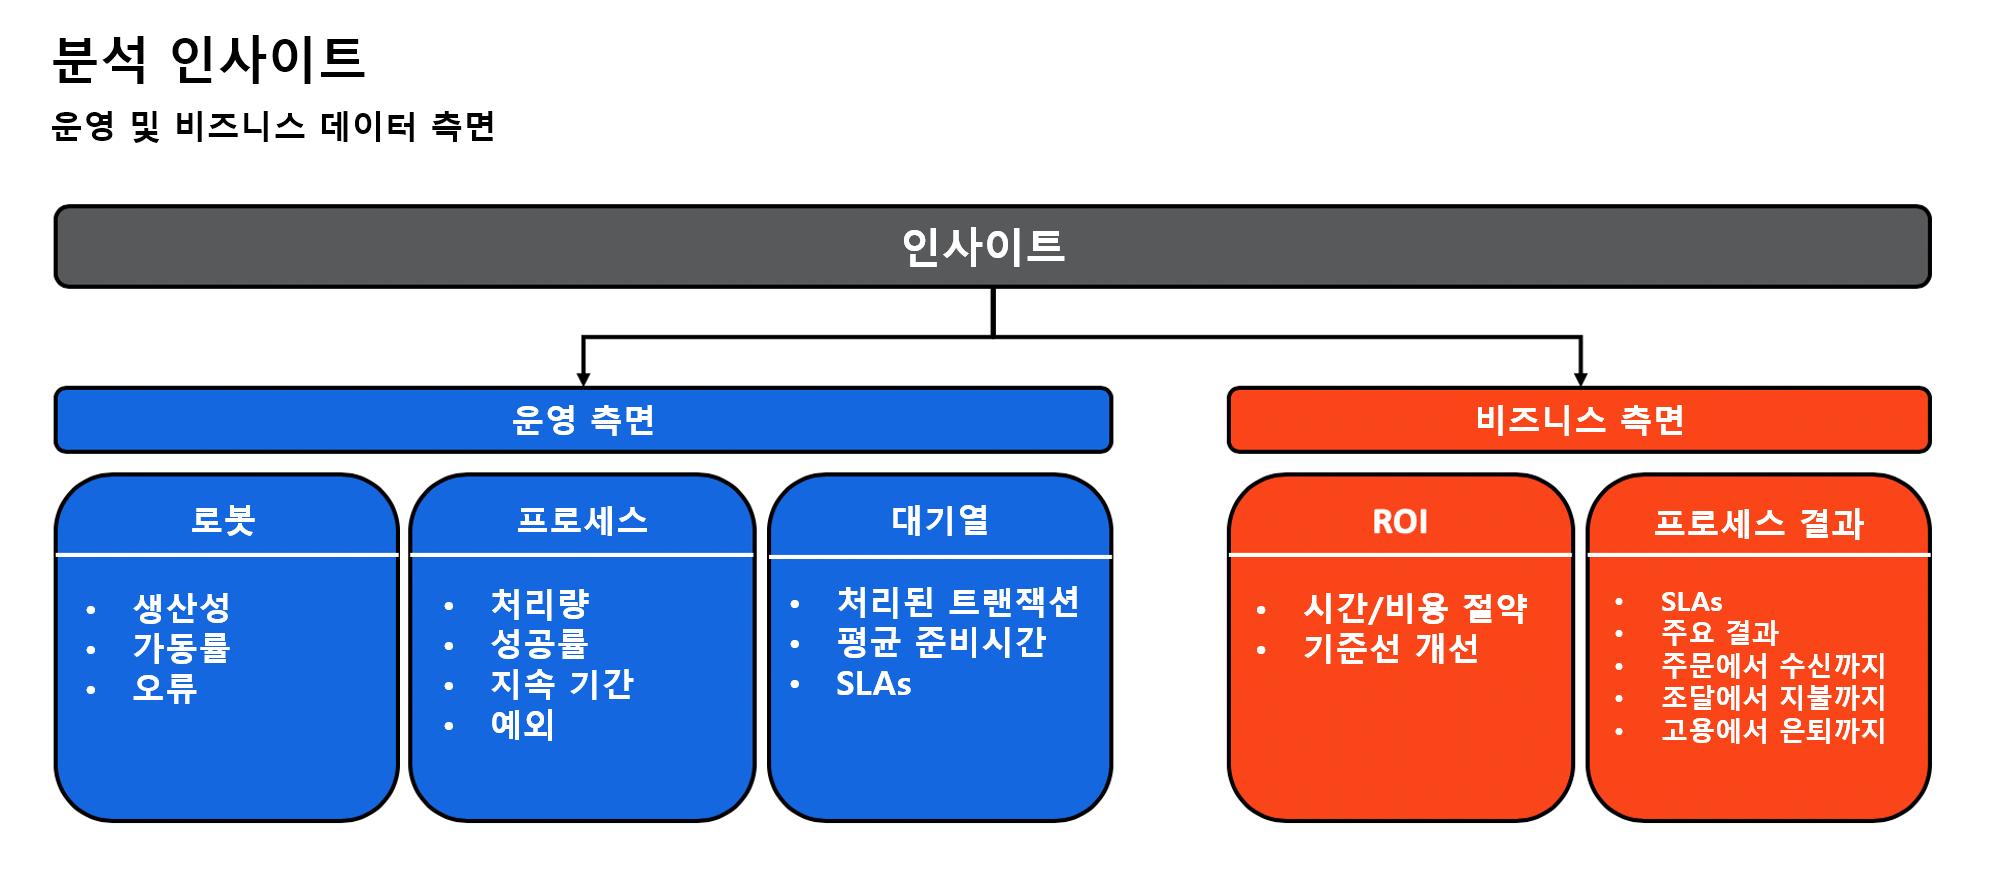 Image_UiPath_성공적인 RPA 운영을 위한 분석 지표 KPI 설정 안내서(2)